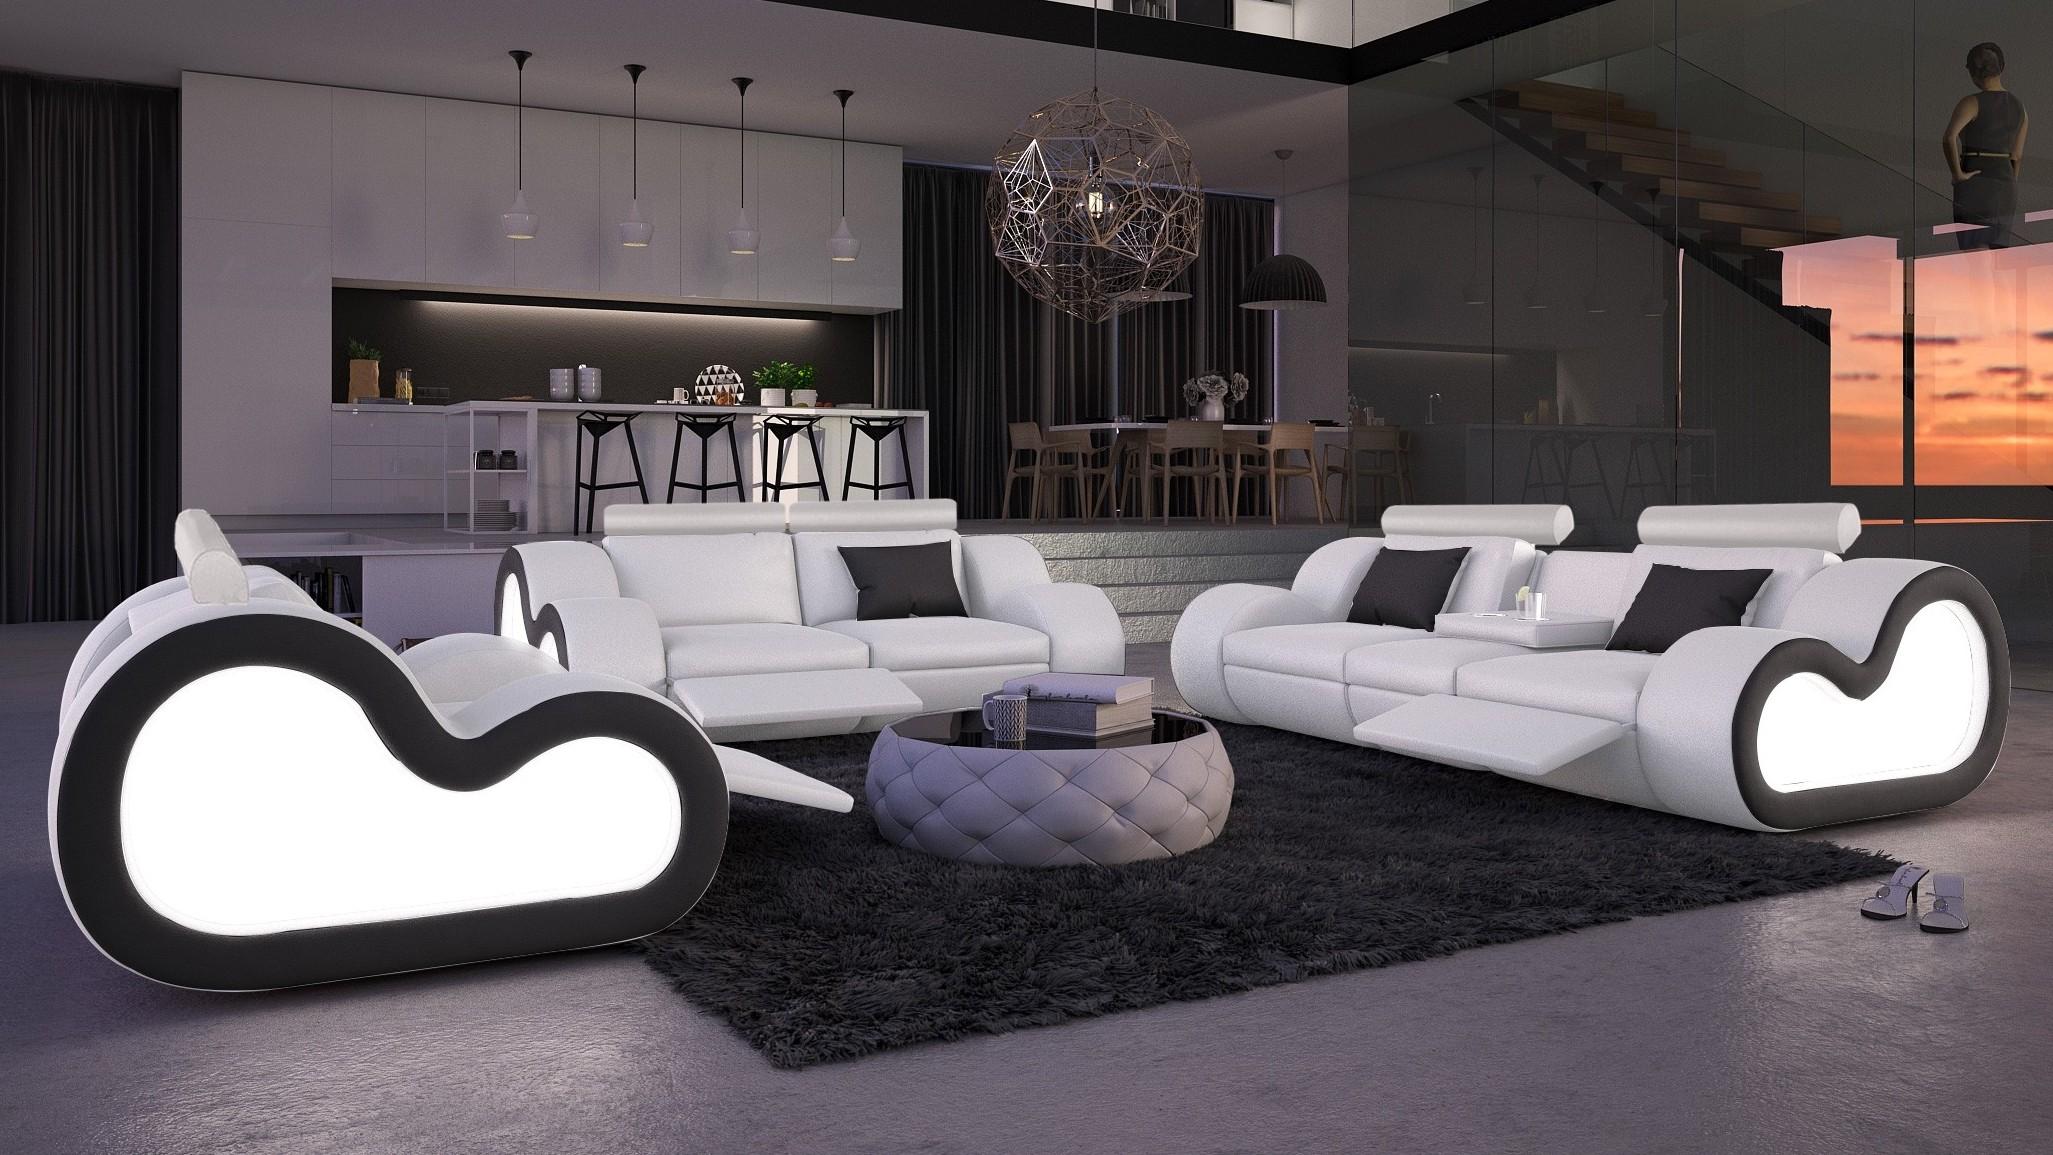 De Haute Qualite Image Des Salons Moderne Complet